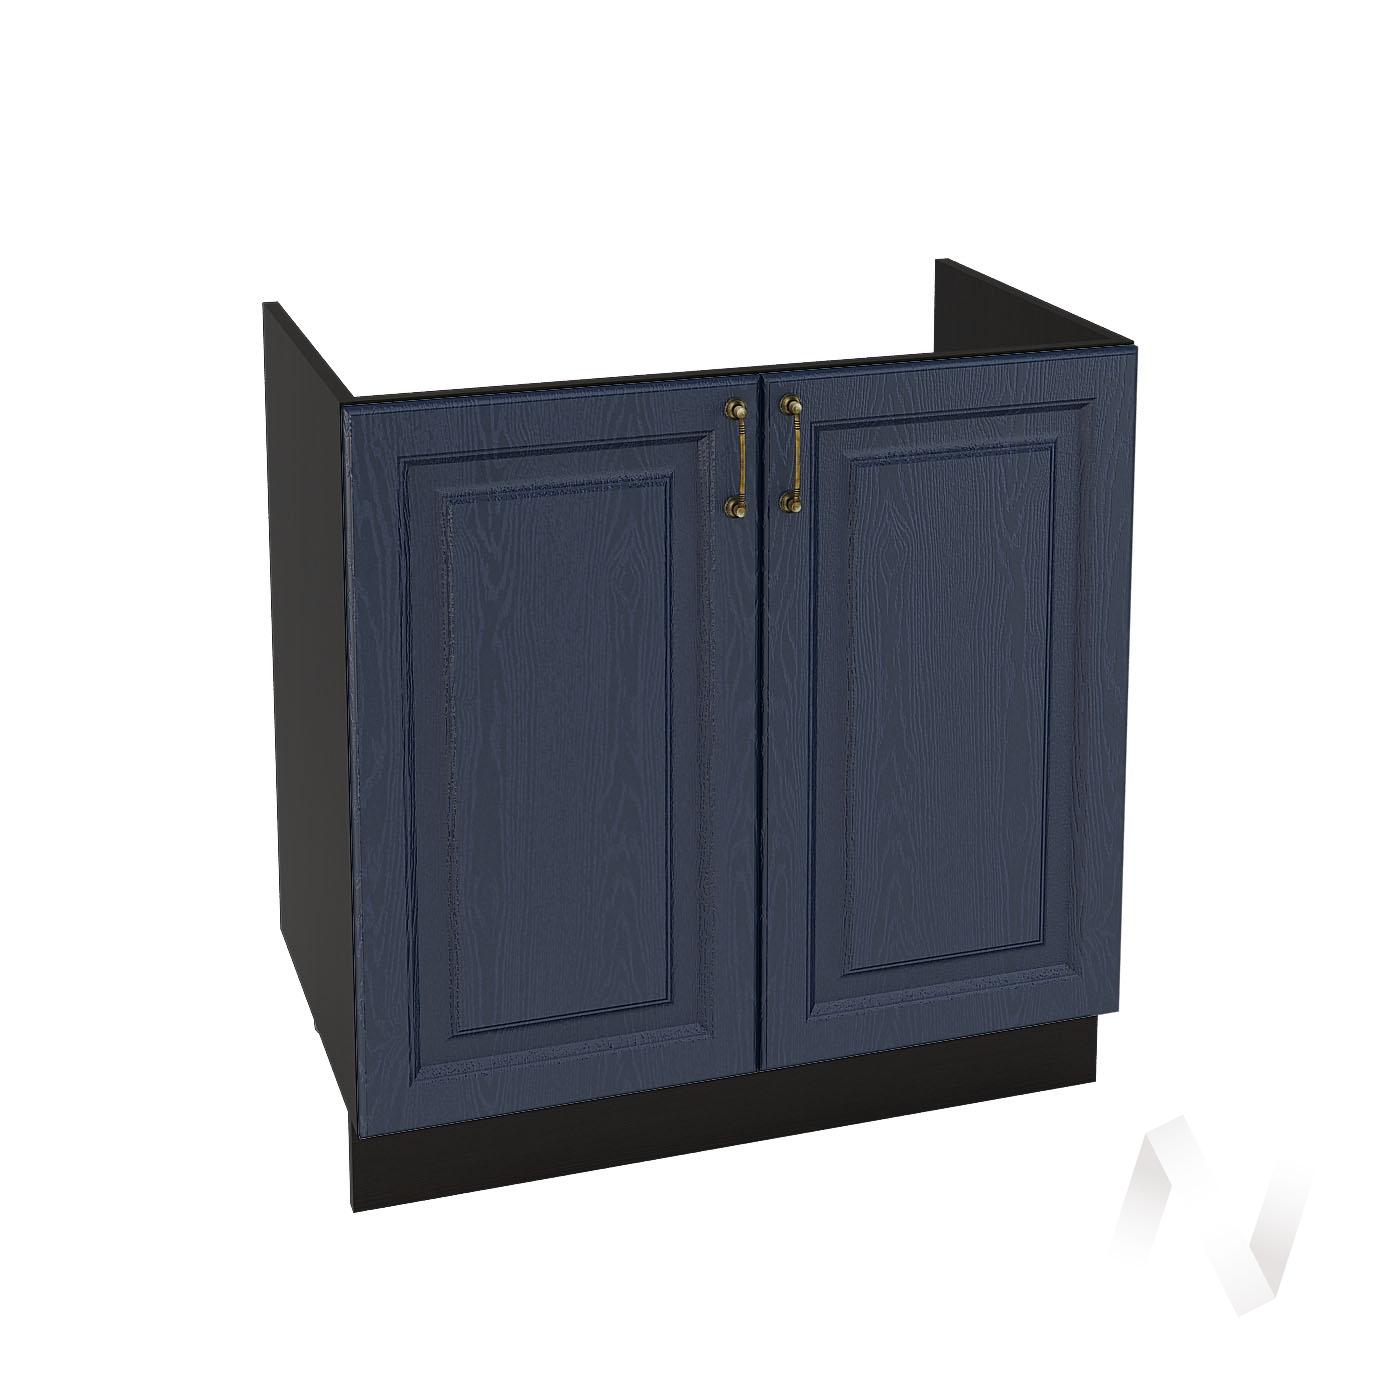 """Кухня """"Ницца"""": Шкаф нижний под мойку 800, ШНМ 800 новый (Дуб чернильный/корпус венге)"""